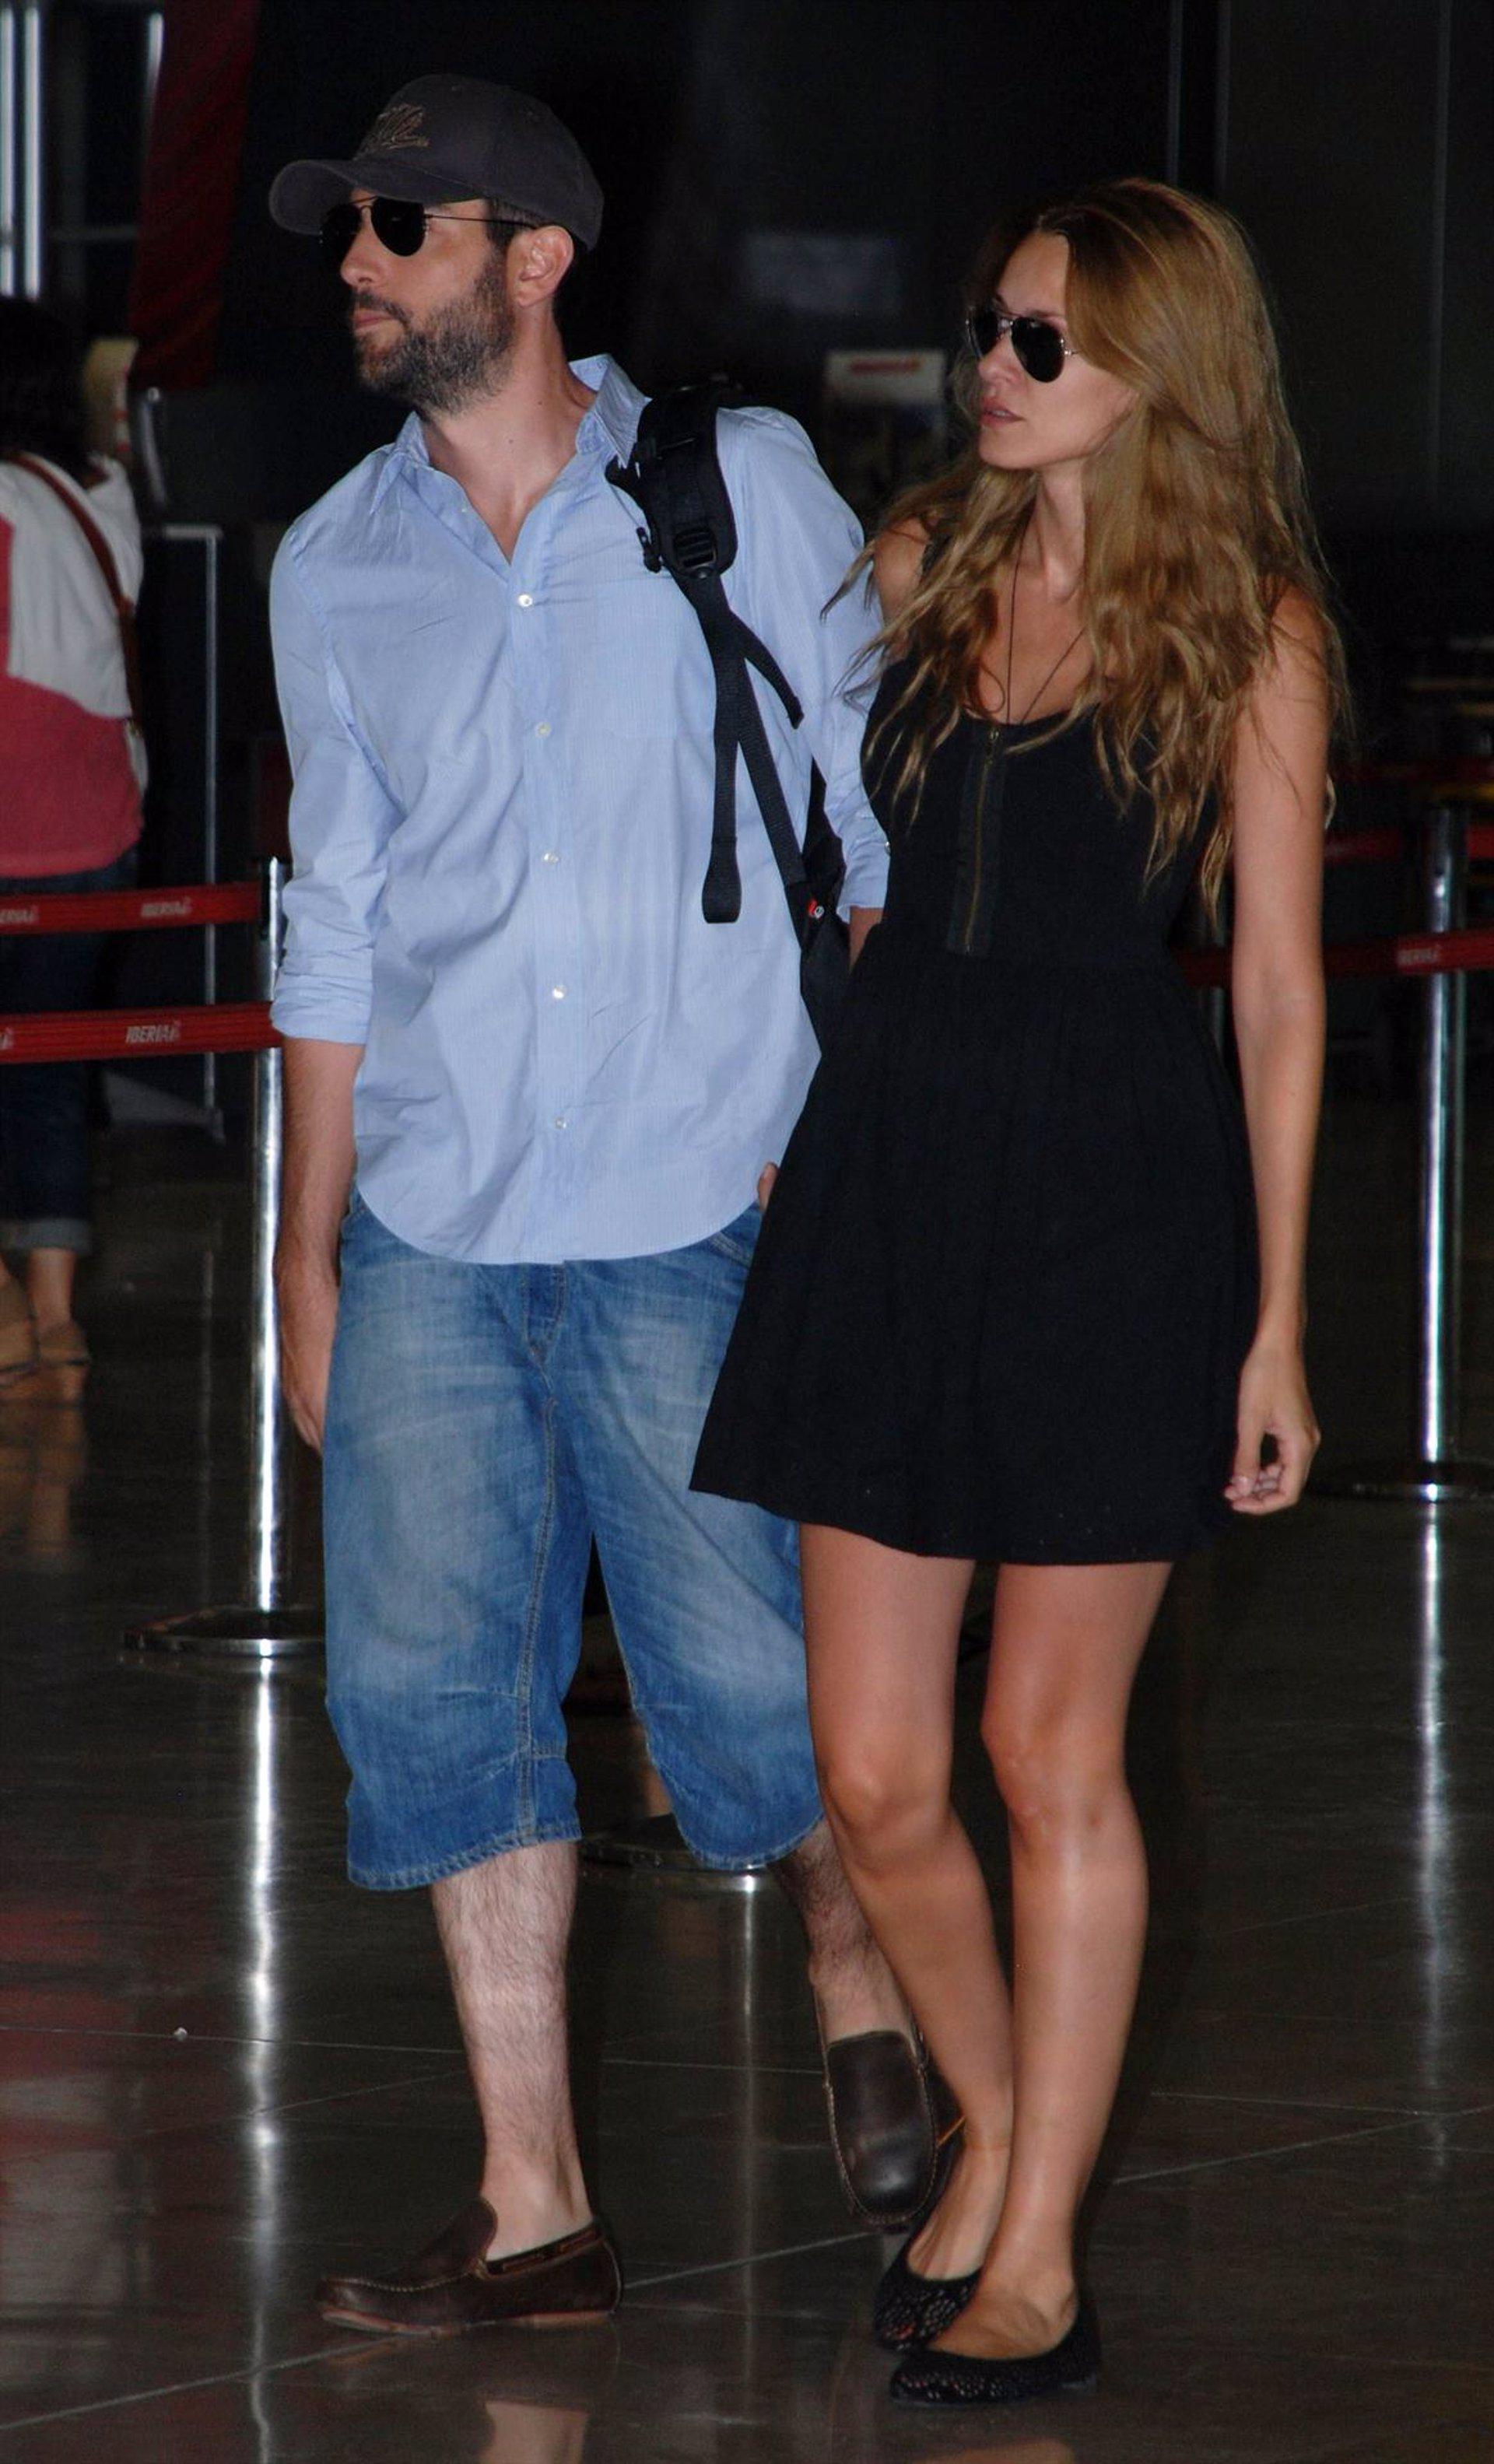 Dani Mateo y Elena Ballesteros, después de la boda, de luna de miel